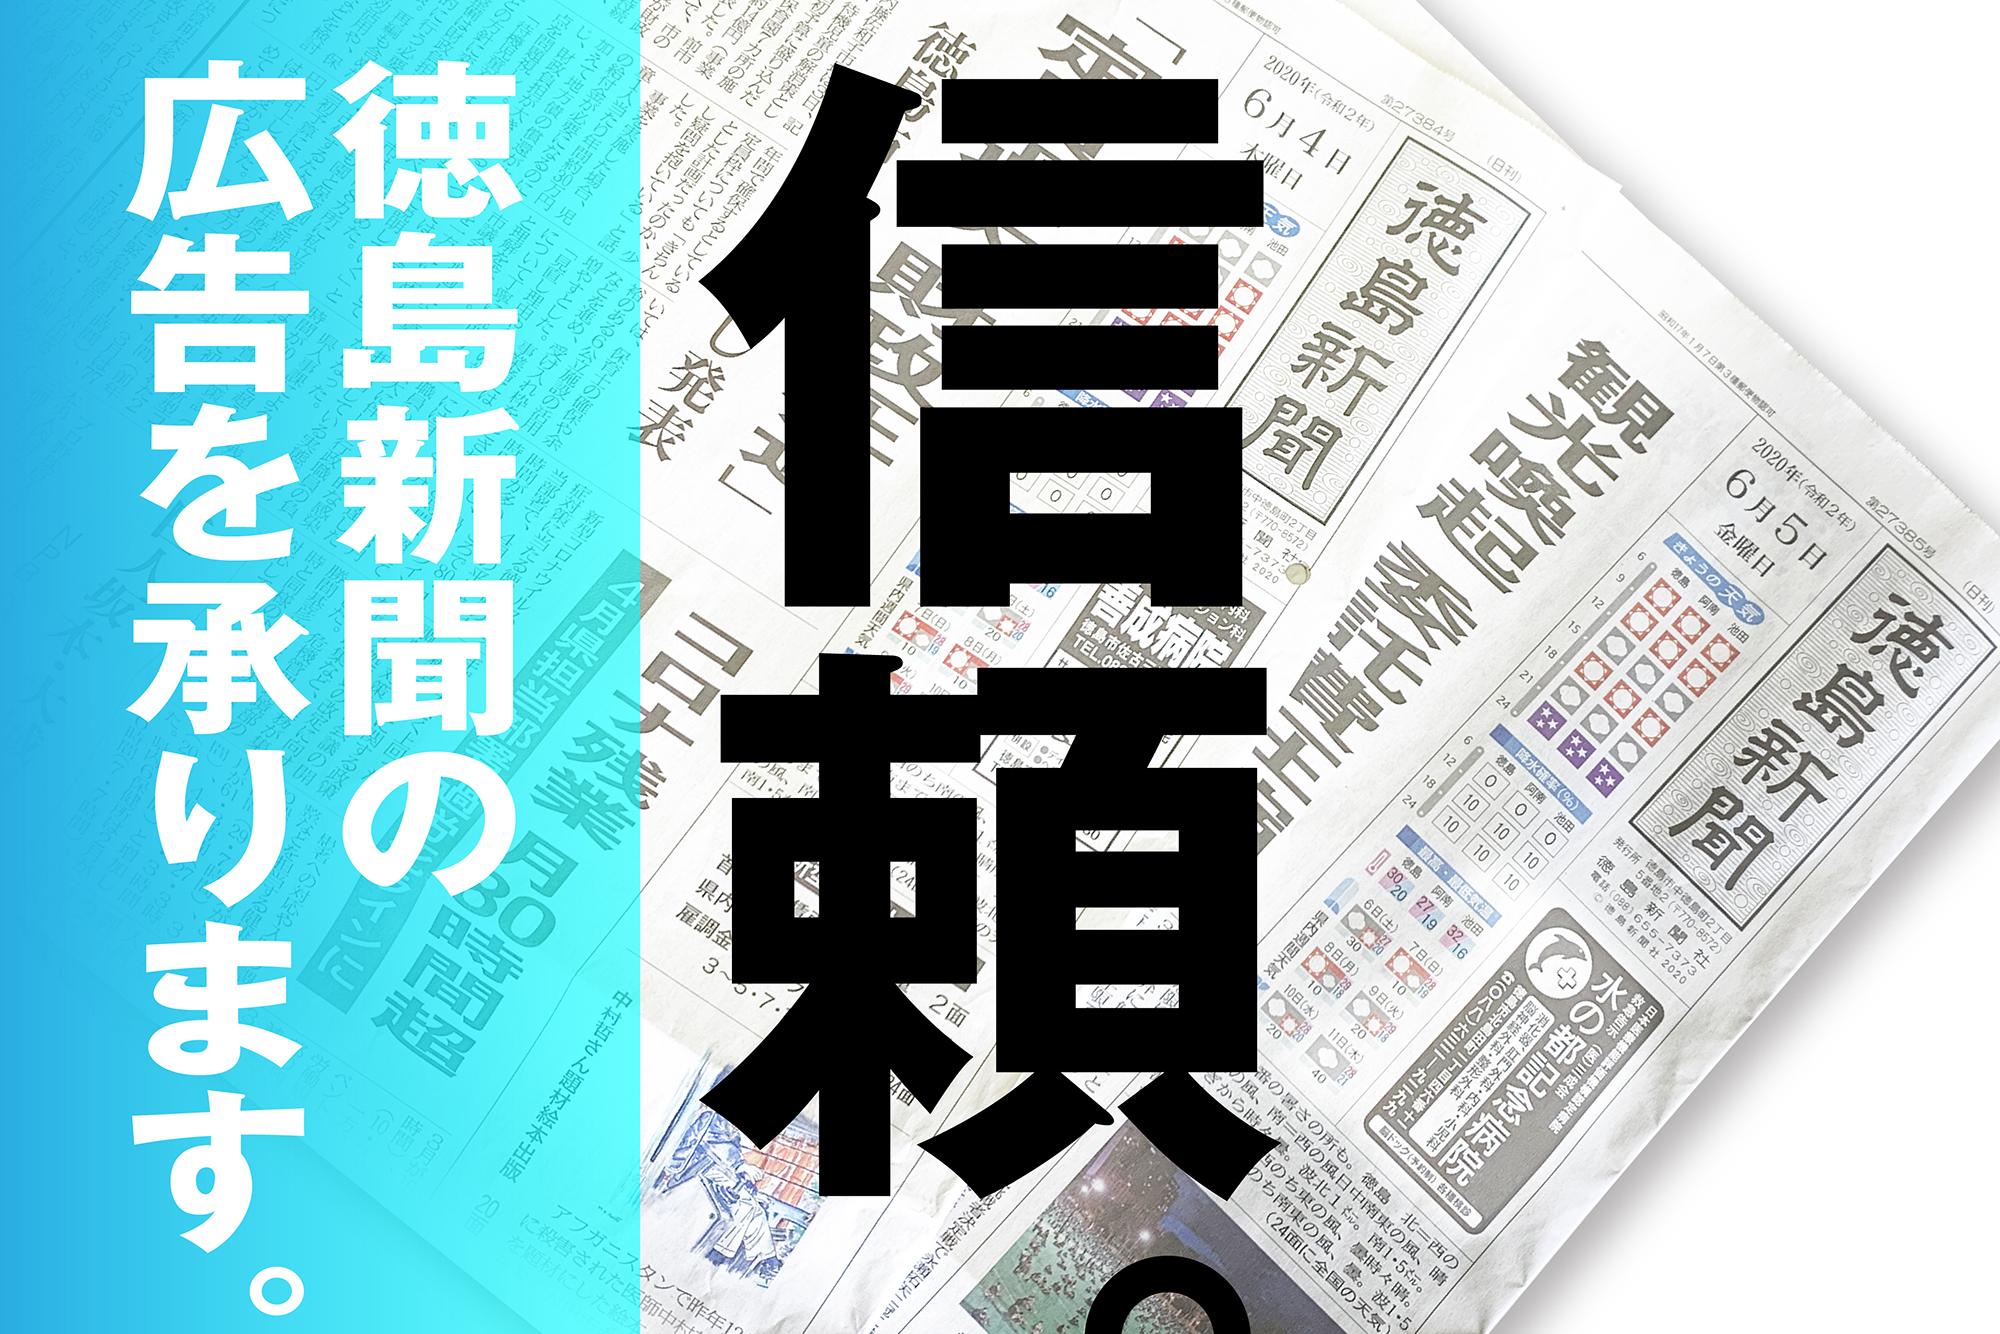 10 日間 天気 徳島